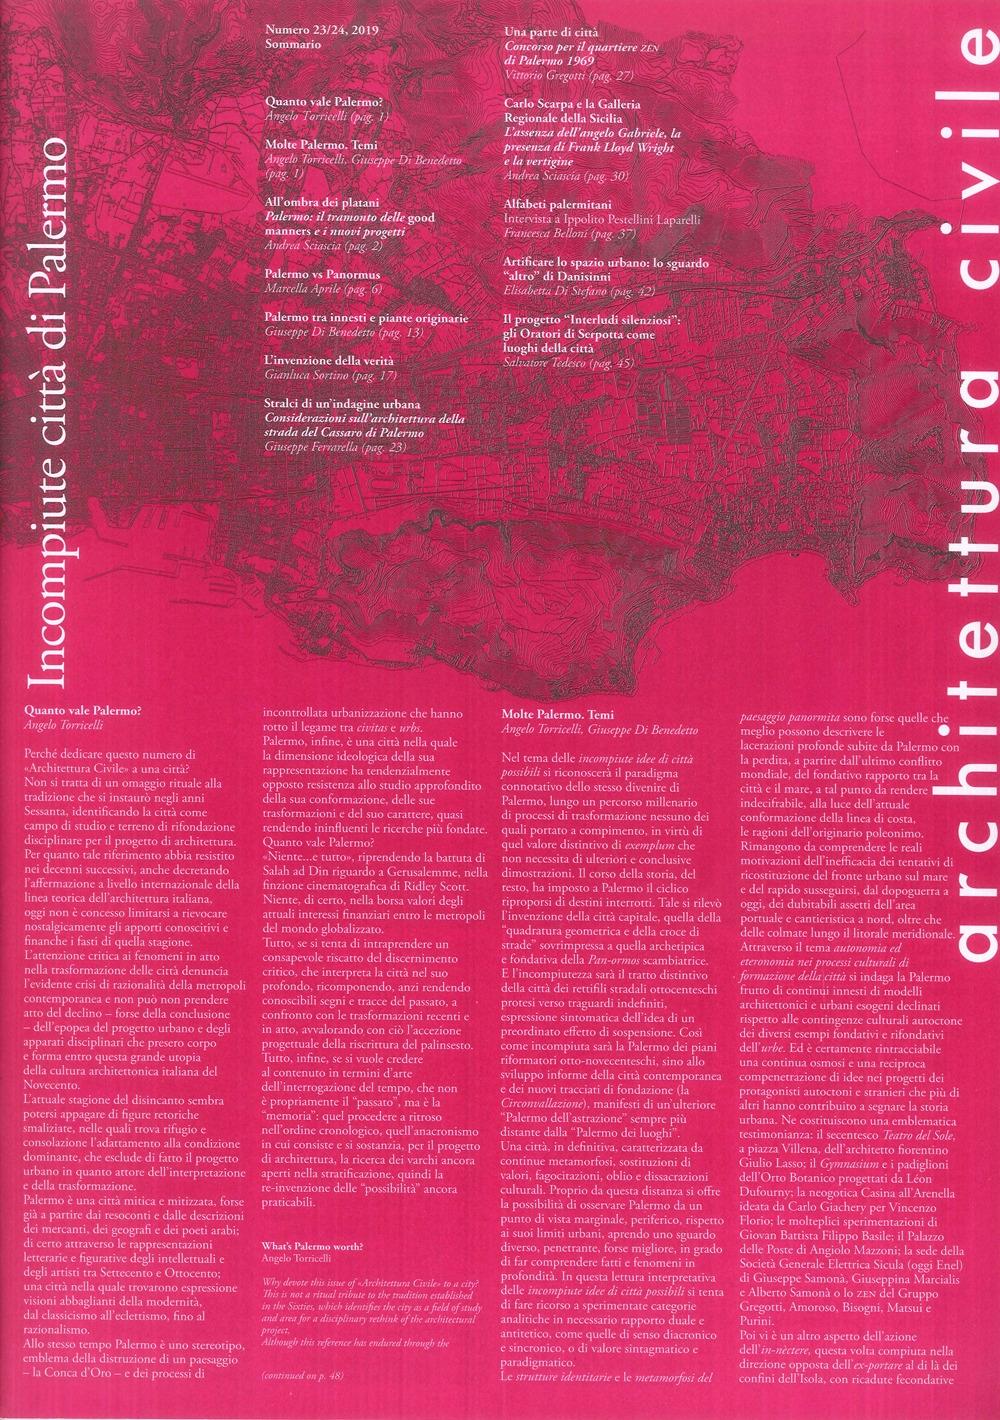 Architettura Civile n. 23/24, 2019. Incompiute città di Palermo